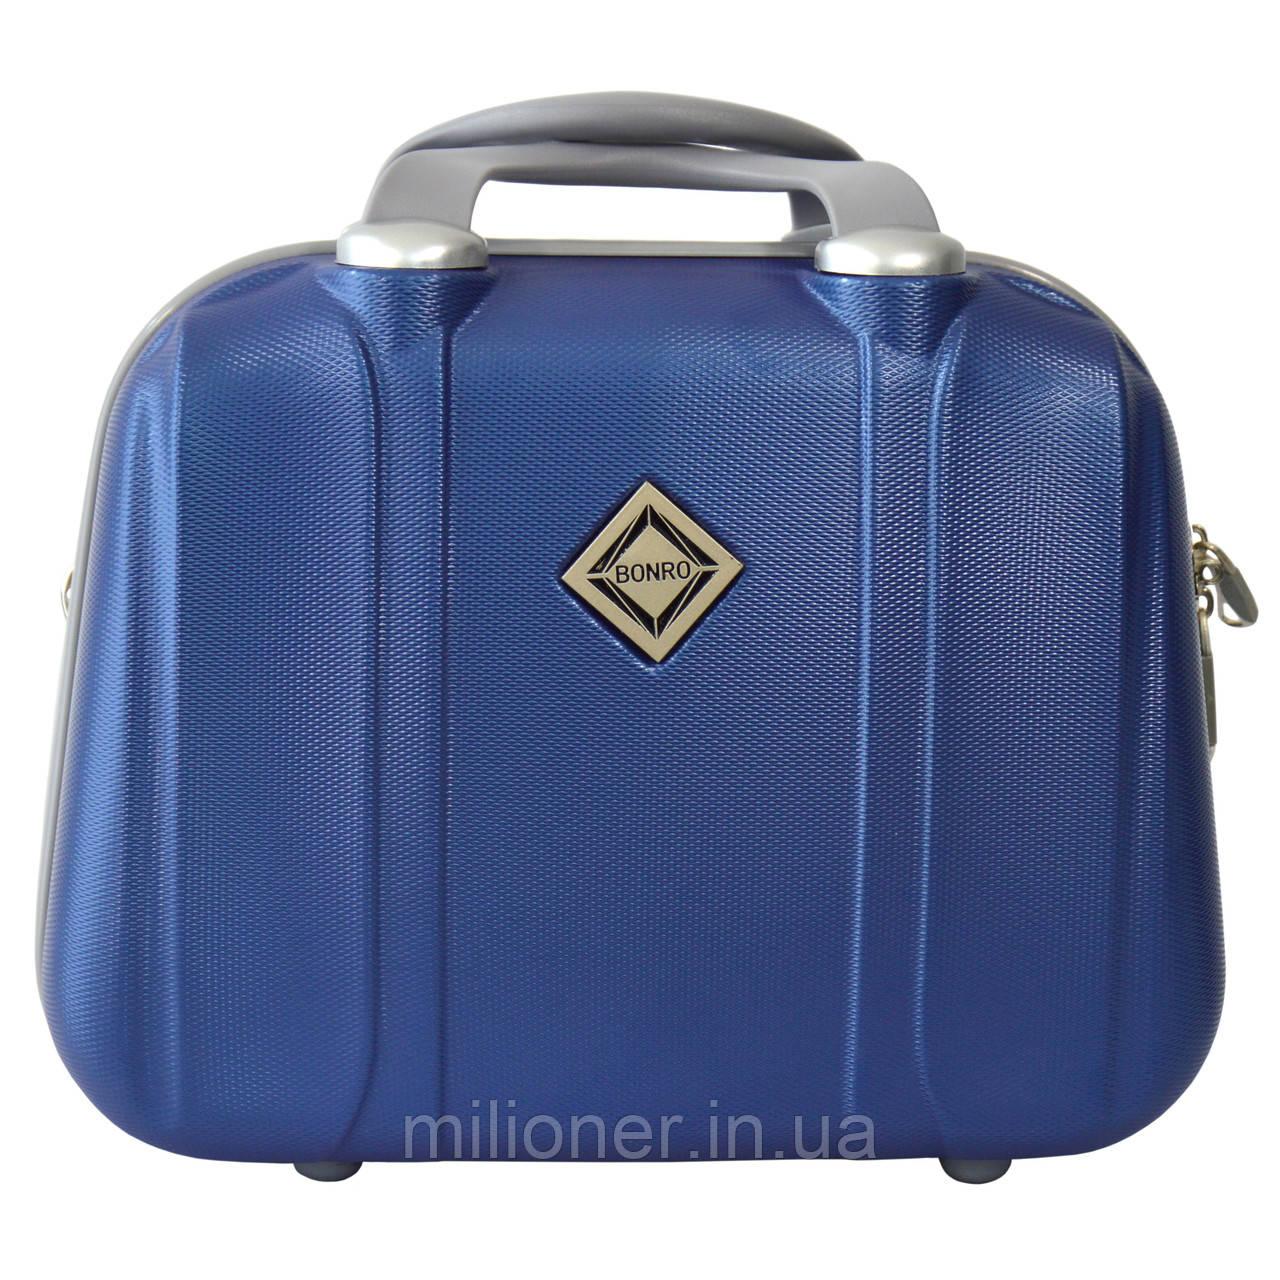 Сумка кейс саквояж Bonro Smile (небольшой) синий (blue 629)